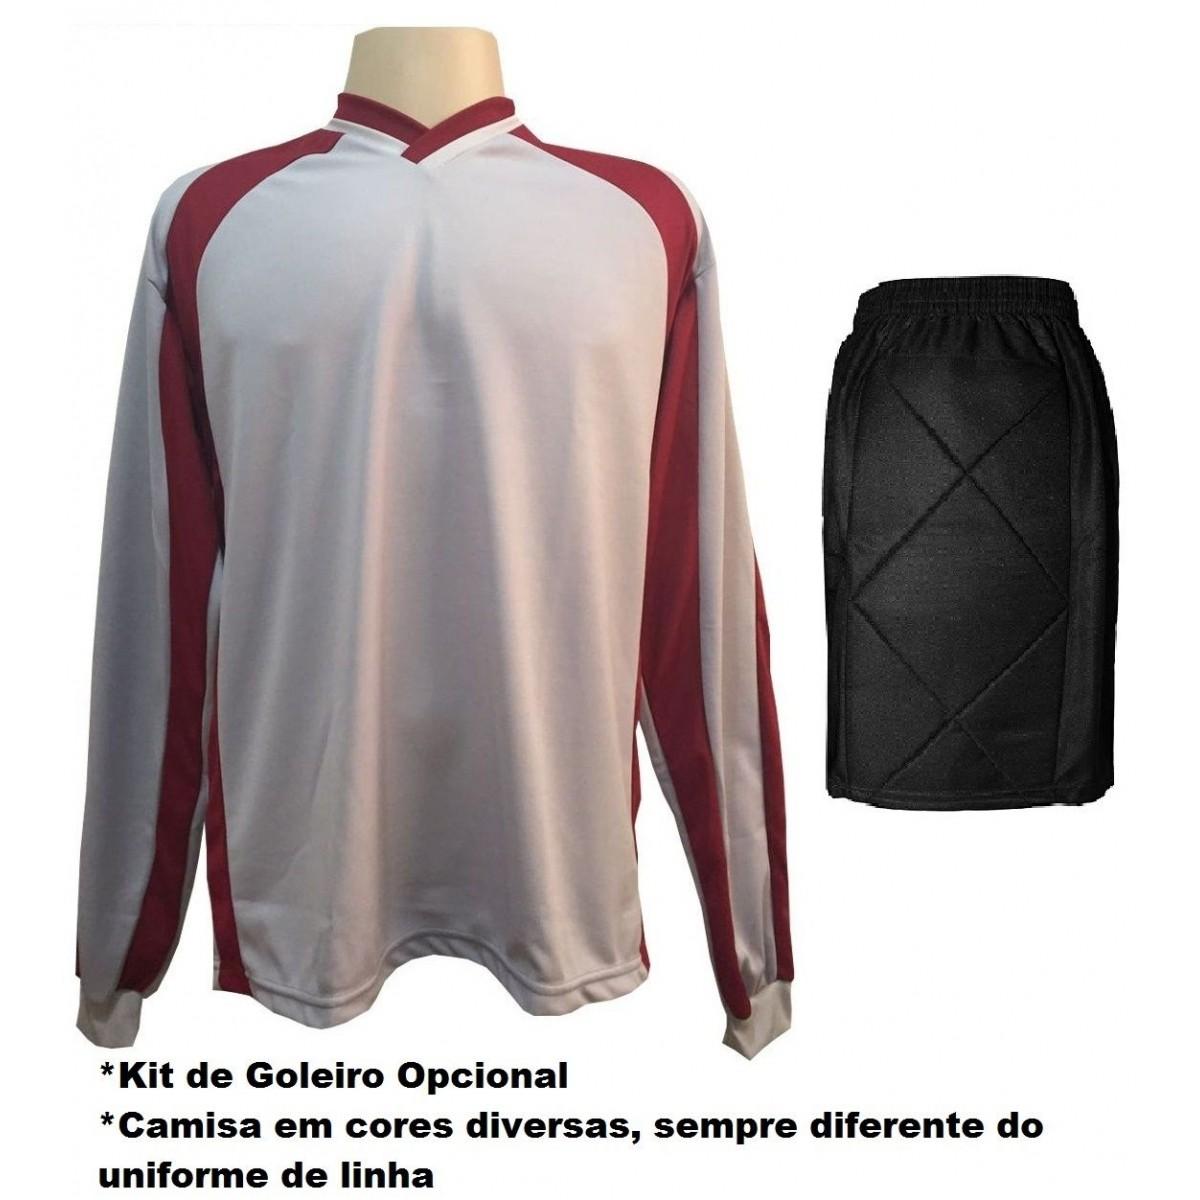 Uniforme Esportivo com 18 Camisas modelo Roma Vermelho/Preto + 18 Calções modelo Madrid Preto + Brindes